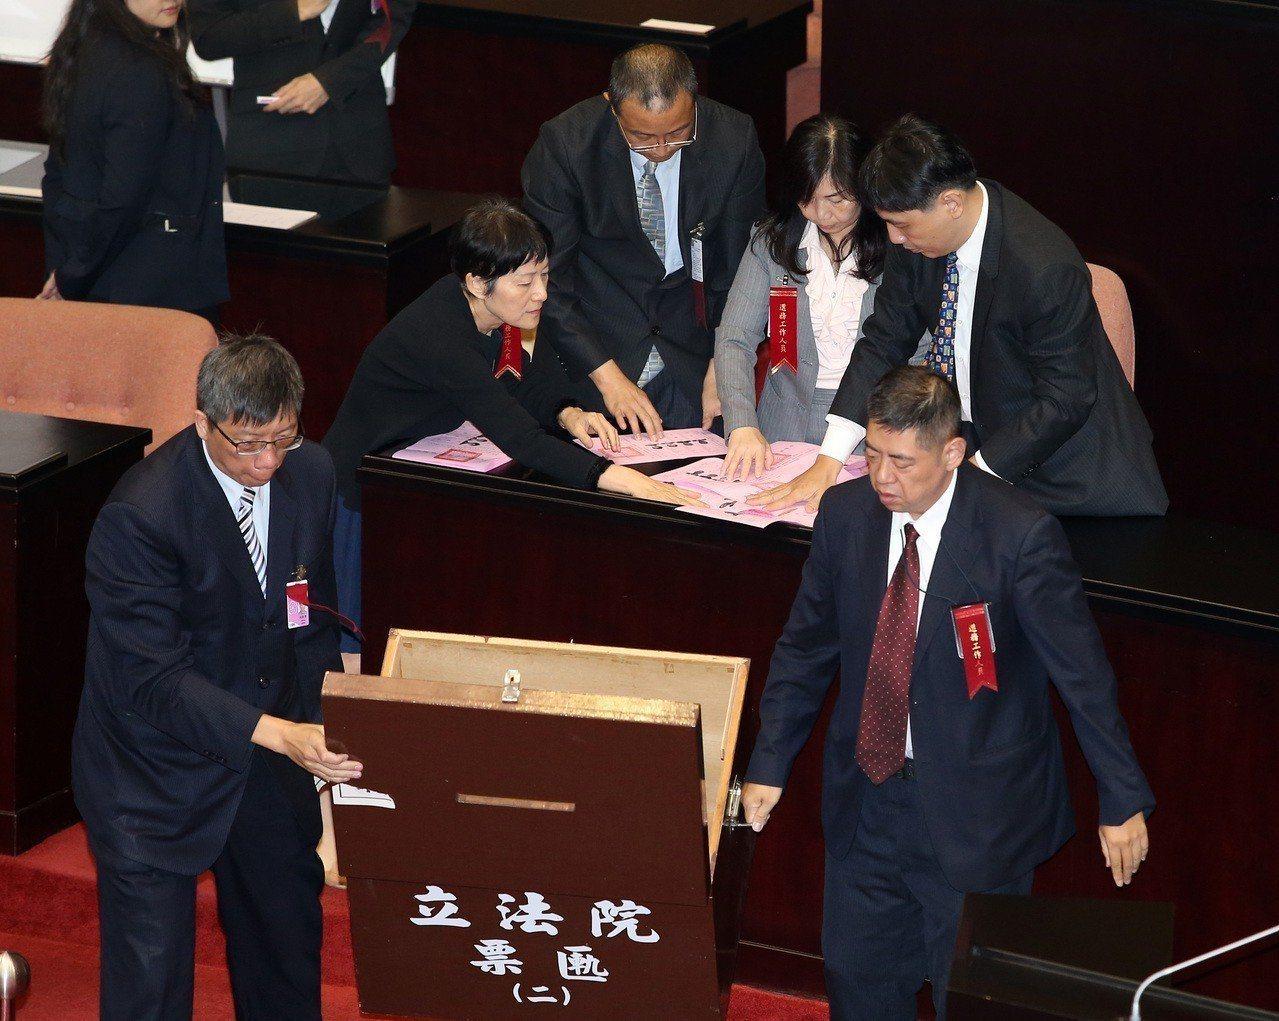 立法院會上午行使司法院大法官被提名人楊惠欽、蔡宗珍、謝銘洋、呂太郎同意權案投票,...